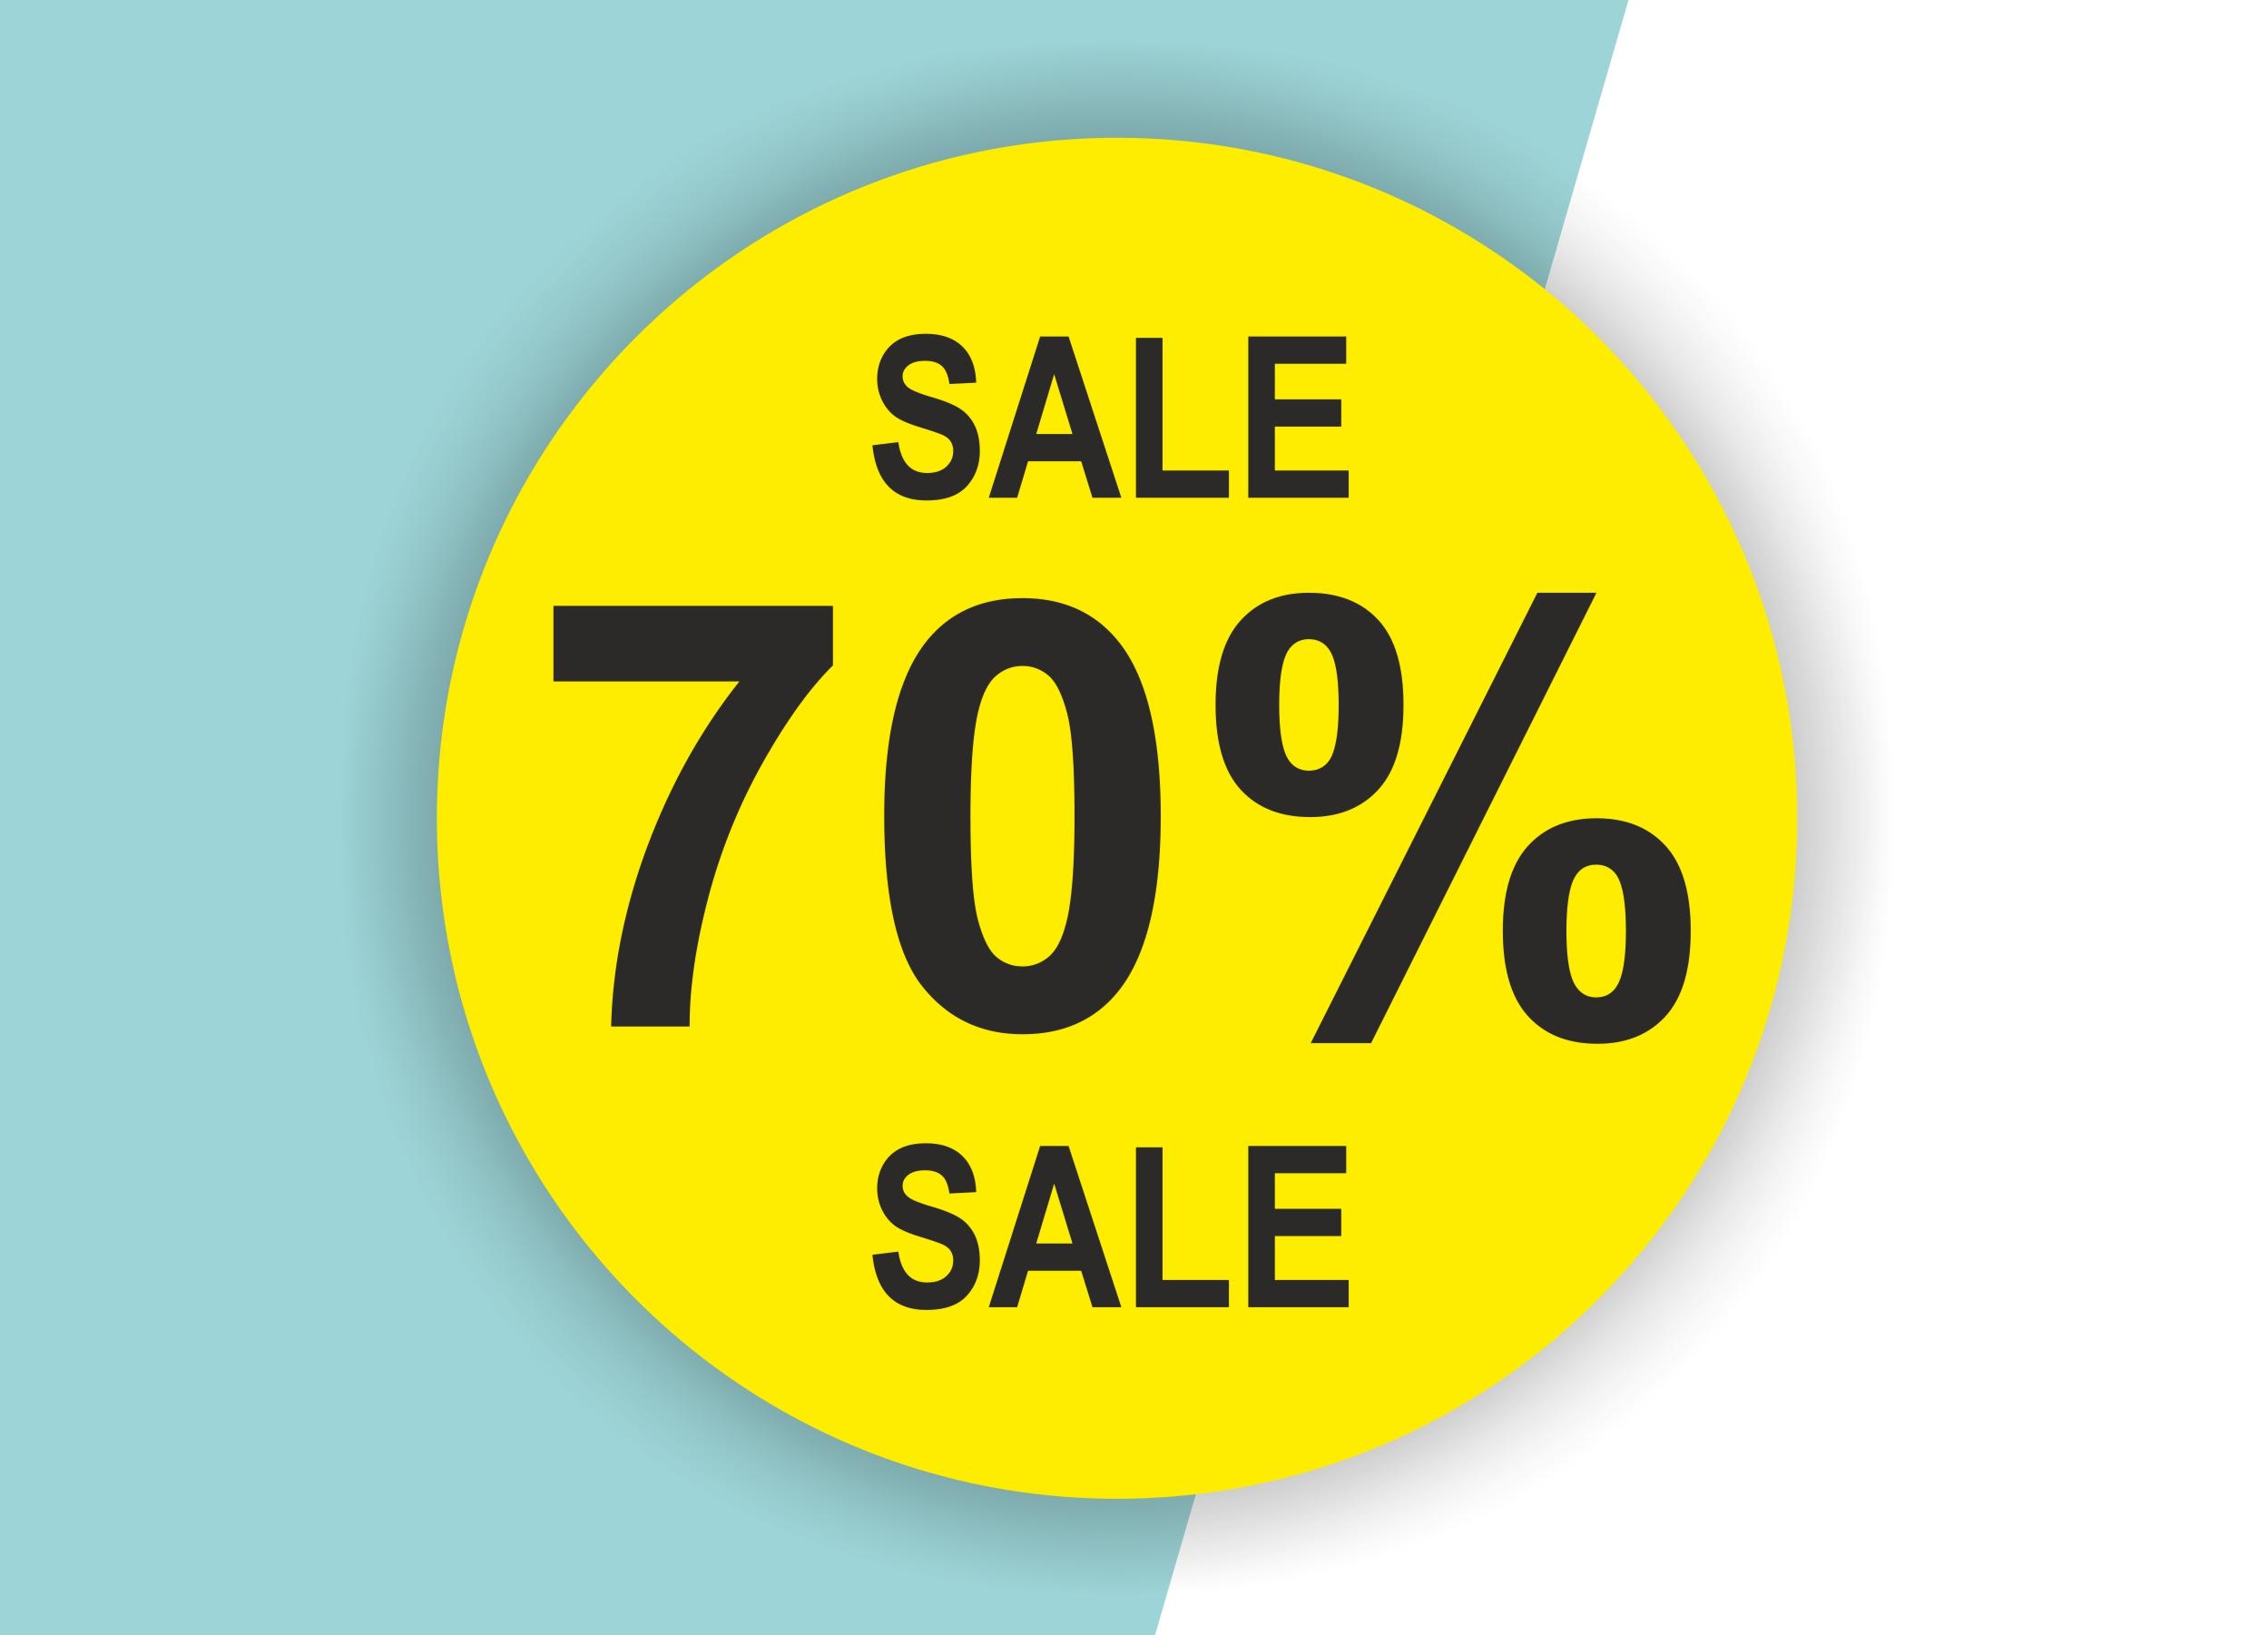 70% SALE Aufkleber Schaufenster Rabatt Ausverkauf Schlussverkauf SSV WSV % — Farbe: Gelb-Schwarz